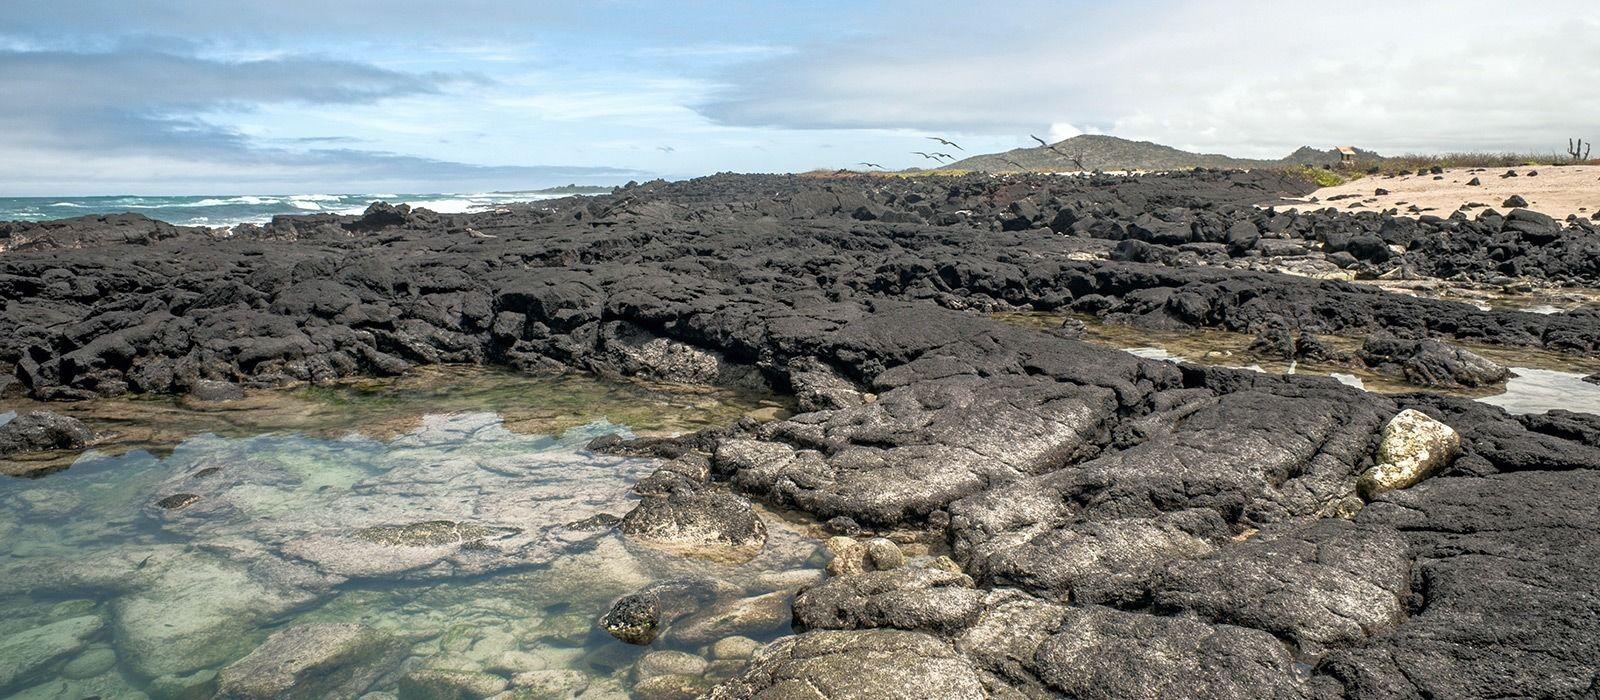 Destination Isla Isabela Ecuador/Galapagos